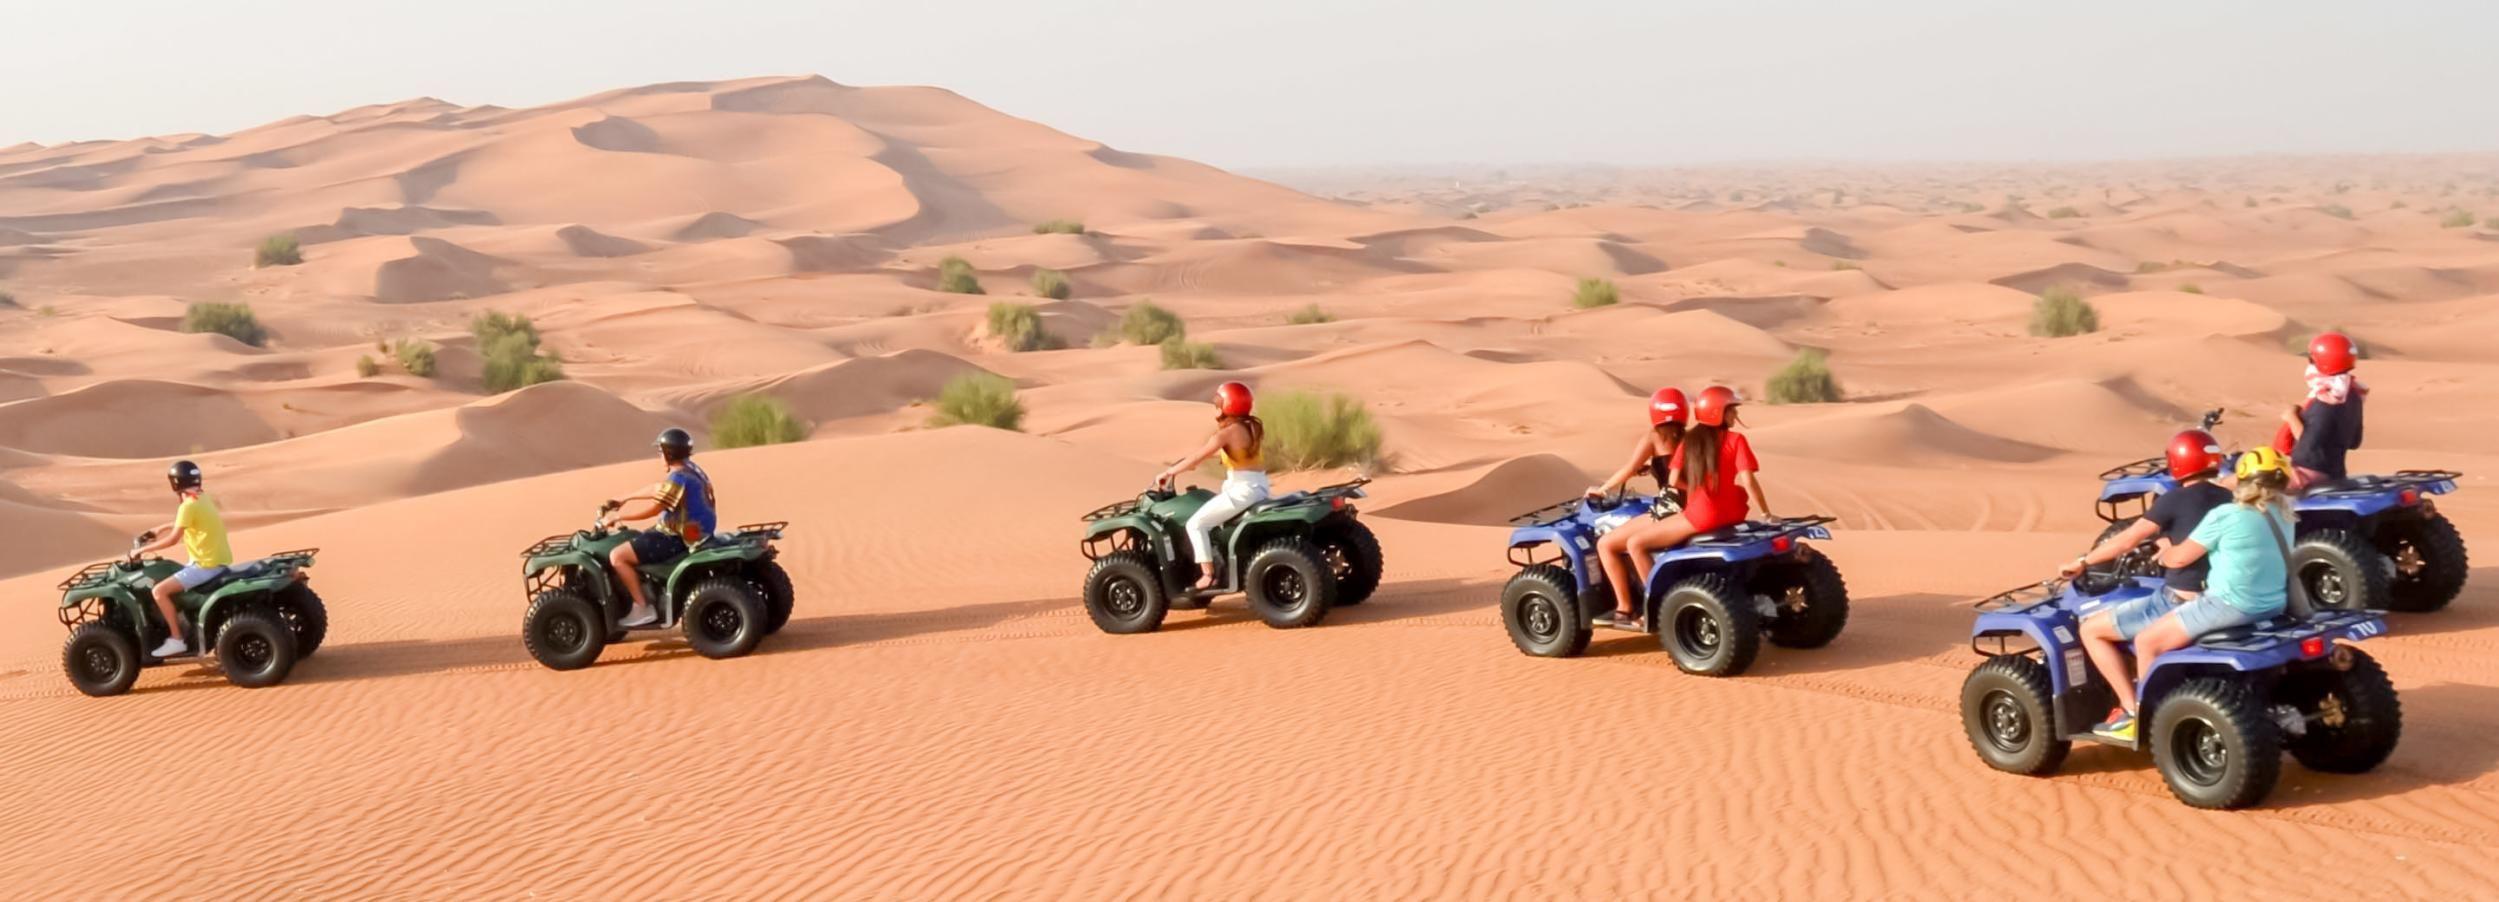 Dubaï: tour en quad, sandboard et balade en chameau